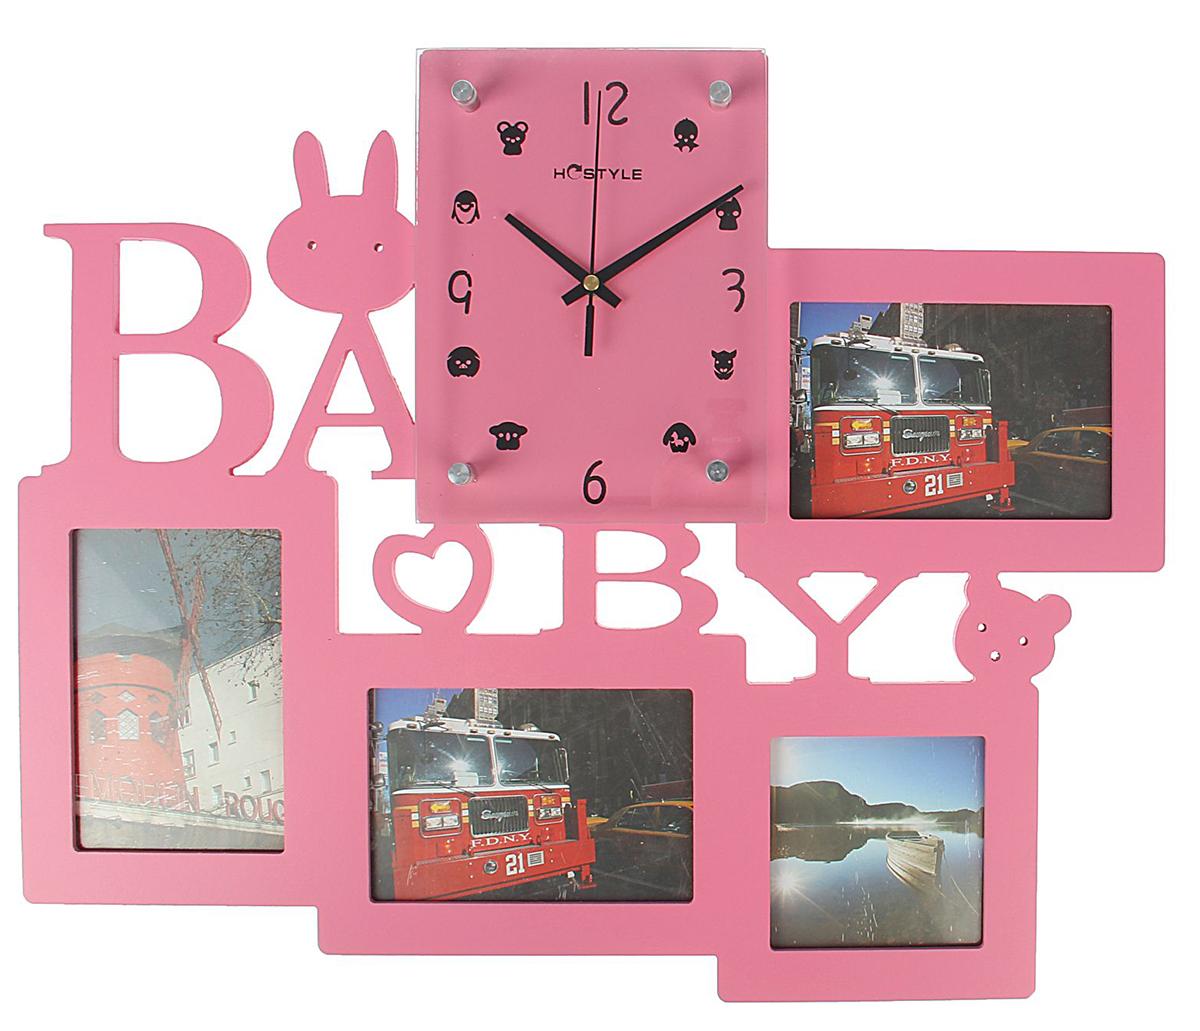 Часы настенные Хайтек. Baby, 4 фоторамки 11х11, 11х16, цвет: розовый, 44 х 53 см1592444Каждому хозяину периодически приходит мысль обновить свою квартиру, сделать ремонт, перестановку или кардинально поменять внешний вид каждой комнаты. Часы настенные Baby, розовые + 4 фоторамки: 11 ? 16 см (3 шт.) и 11 ? 11 см — привлекательная деталь, которая поможет воплотить вашу интерьерную идею, создать неповторимую атмосферу в вашем доме. Окружите себя приятными мелочами, пусть они радуют глаз и дарят гармонию. Хотите создать свое небольшое генеалогическое древо, но не знаете как? Начните с такой прекрасной фоторамки в виде коллажа! Она не только украсит ваш интерьер, объединит дорогие сердцу события в одну замечательную композицию, но и заложит фундамент для создания семейного дерева. Такая необычная фоторамка станет чудесным подарком по случаю праздника.Часы настенные хайтек+4 фоторамки Baby розовые (фото11х11-1шт 11х16-3шт) 44*53см 1592444